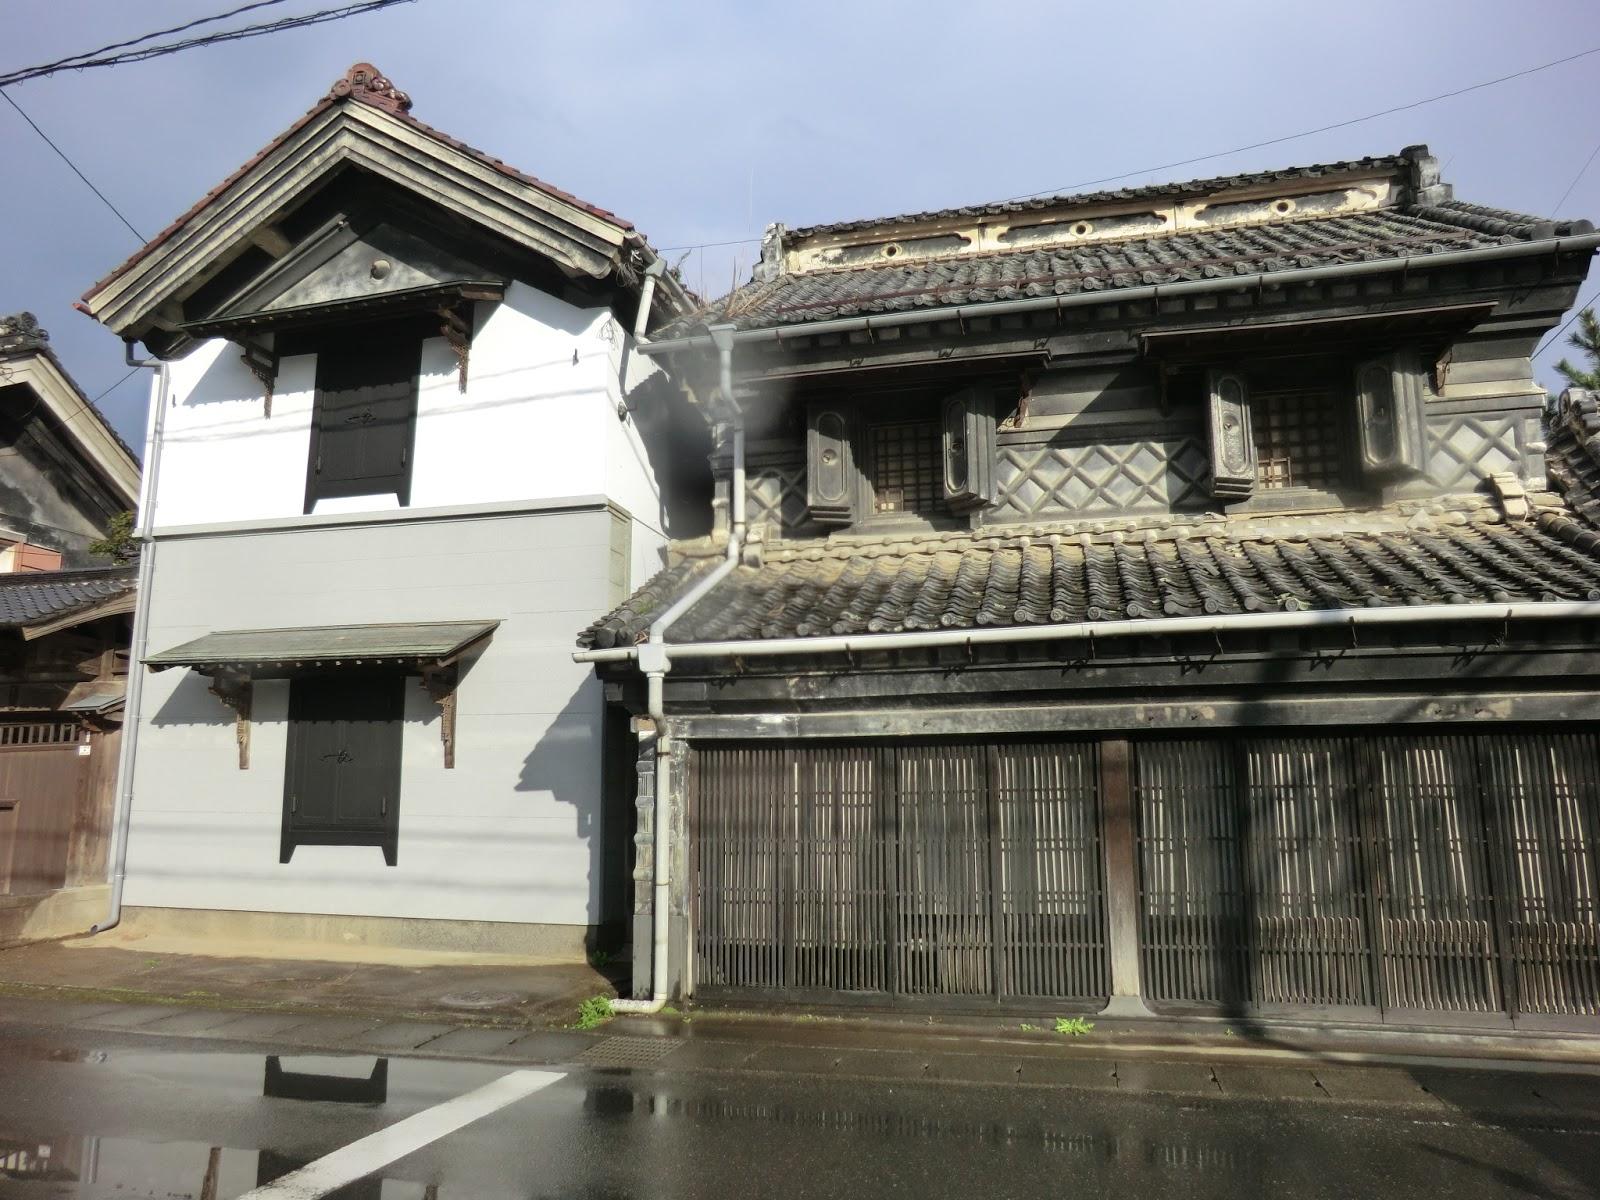 蔵の修復については、ロータリークラブへ「むらた再発見『蔵』の会」が働き... 宮城県復興応援ブロ